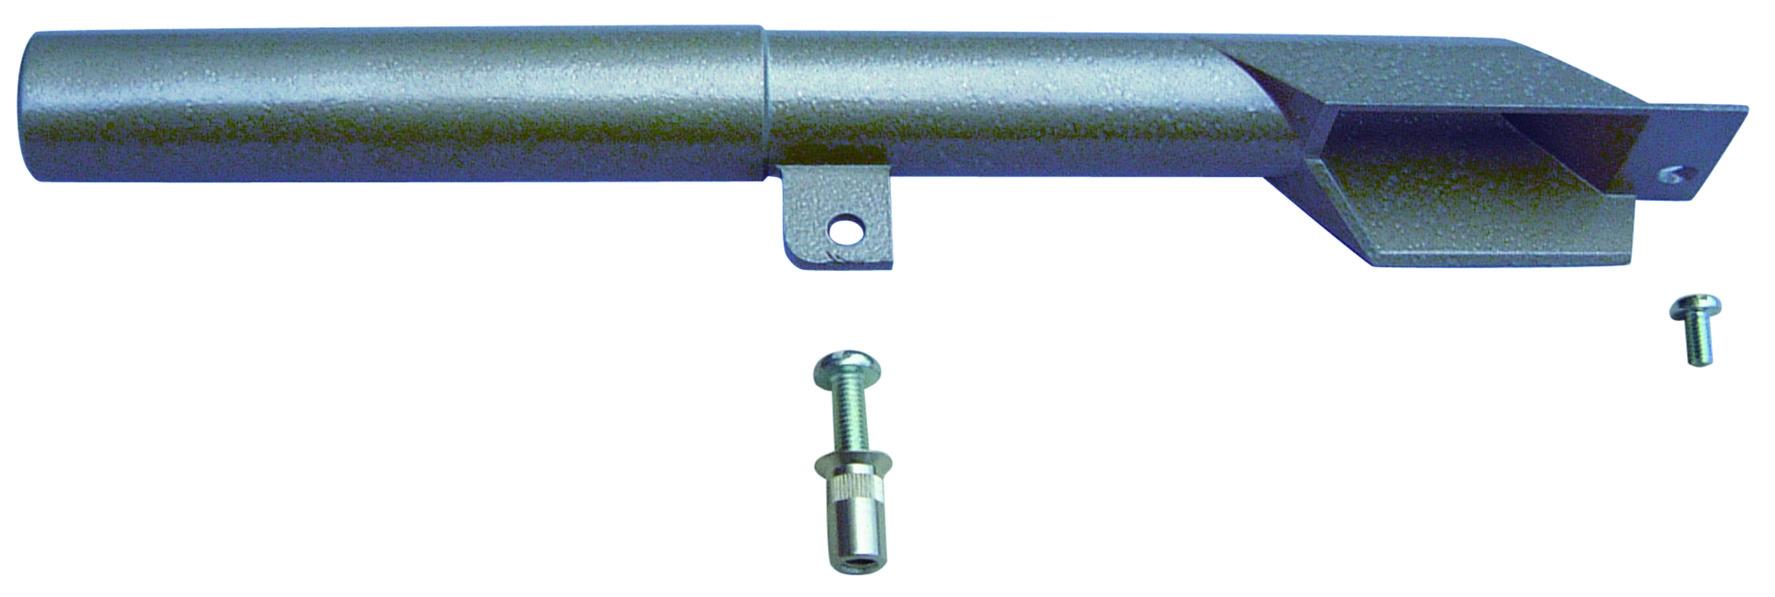 LAMELLO Art. 281804 Absaugstutzen LMA-74, mit Befestigungsschrauben